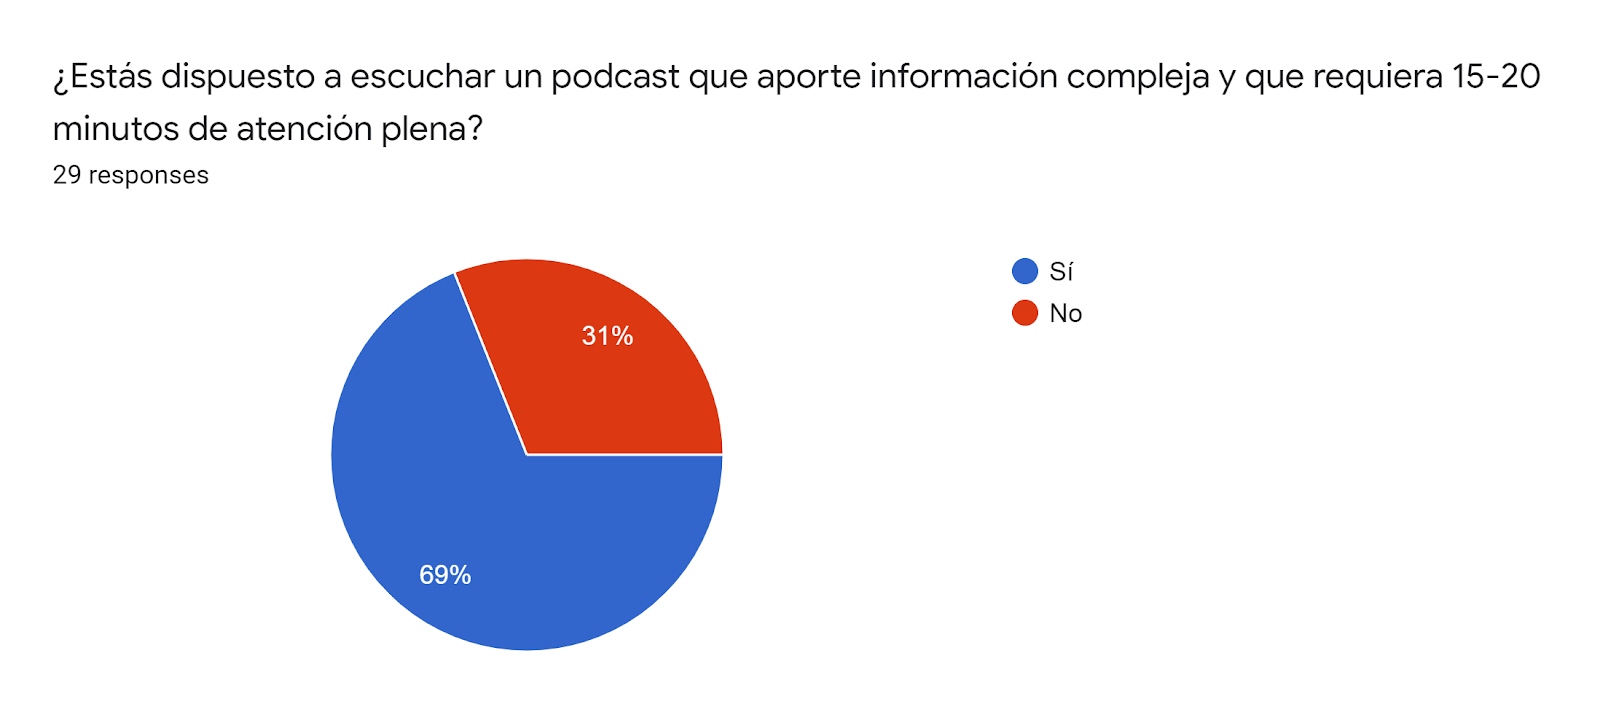 Forms response chart. Question title: ¿Estás dispuesto a escuchar un podcast que aporte información compleja y que requiera 15-20 minutos de atención plena?. Number of responses: 29 responses.